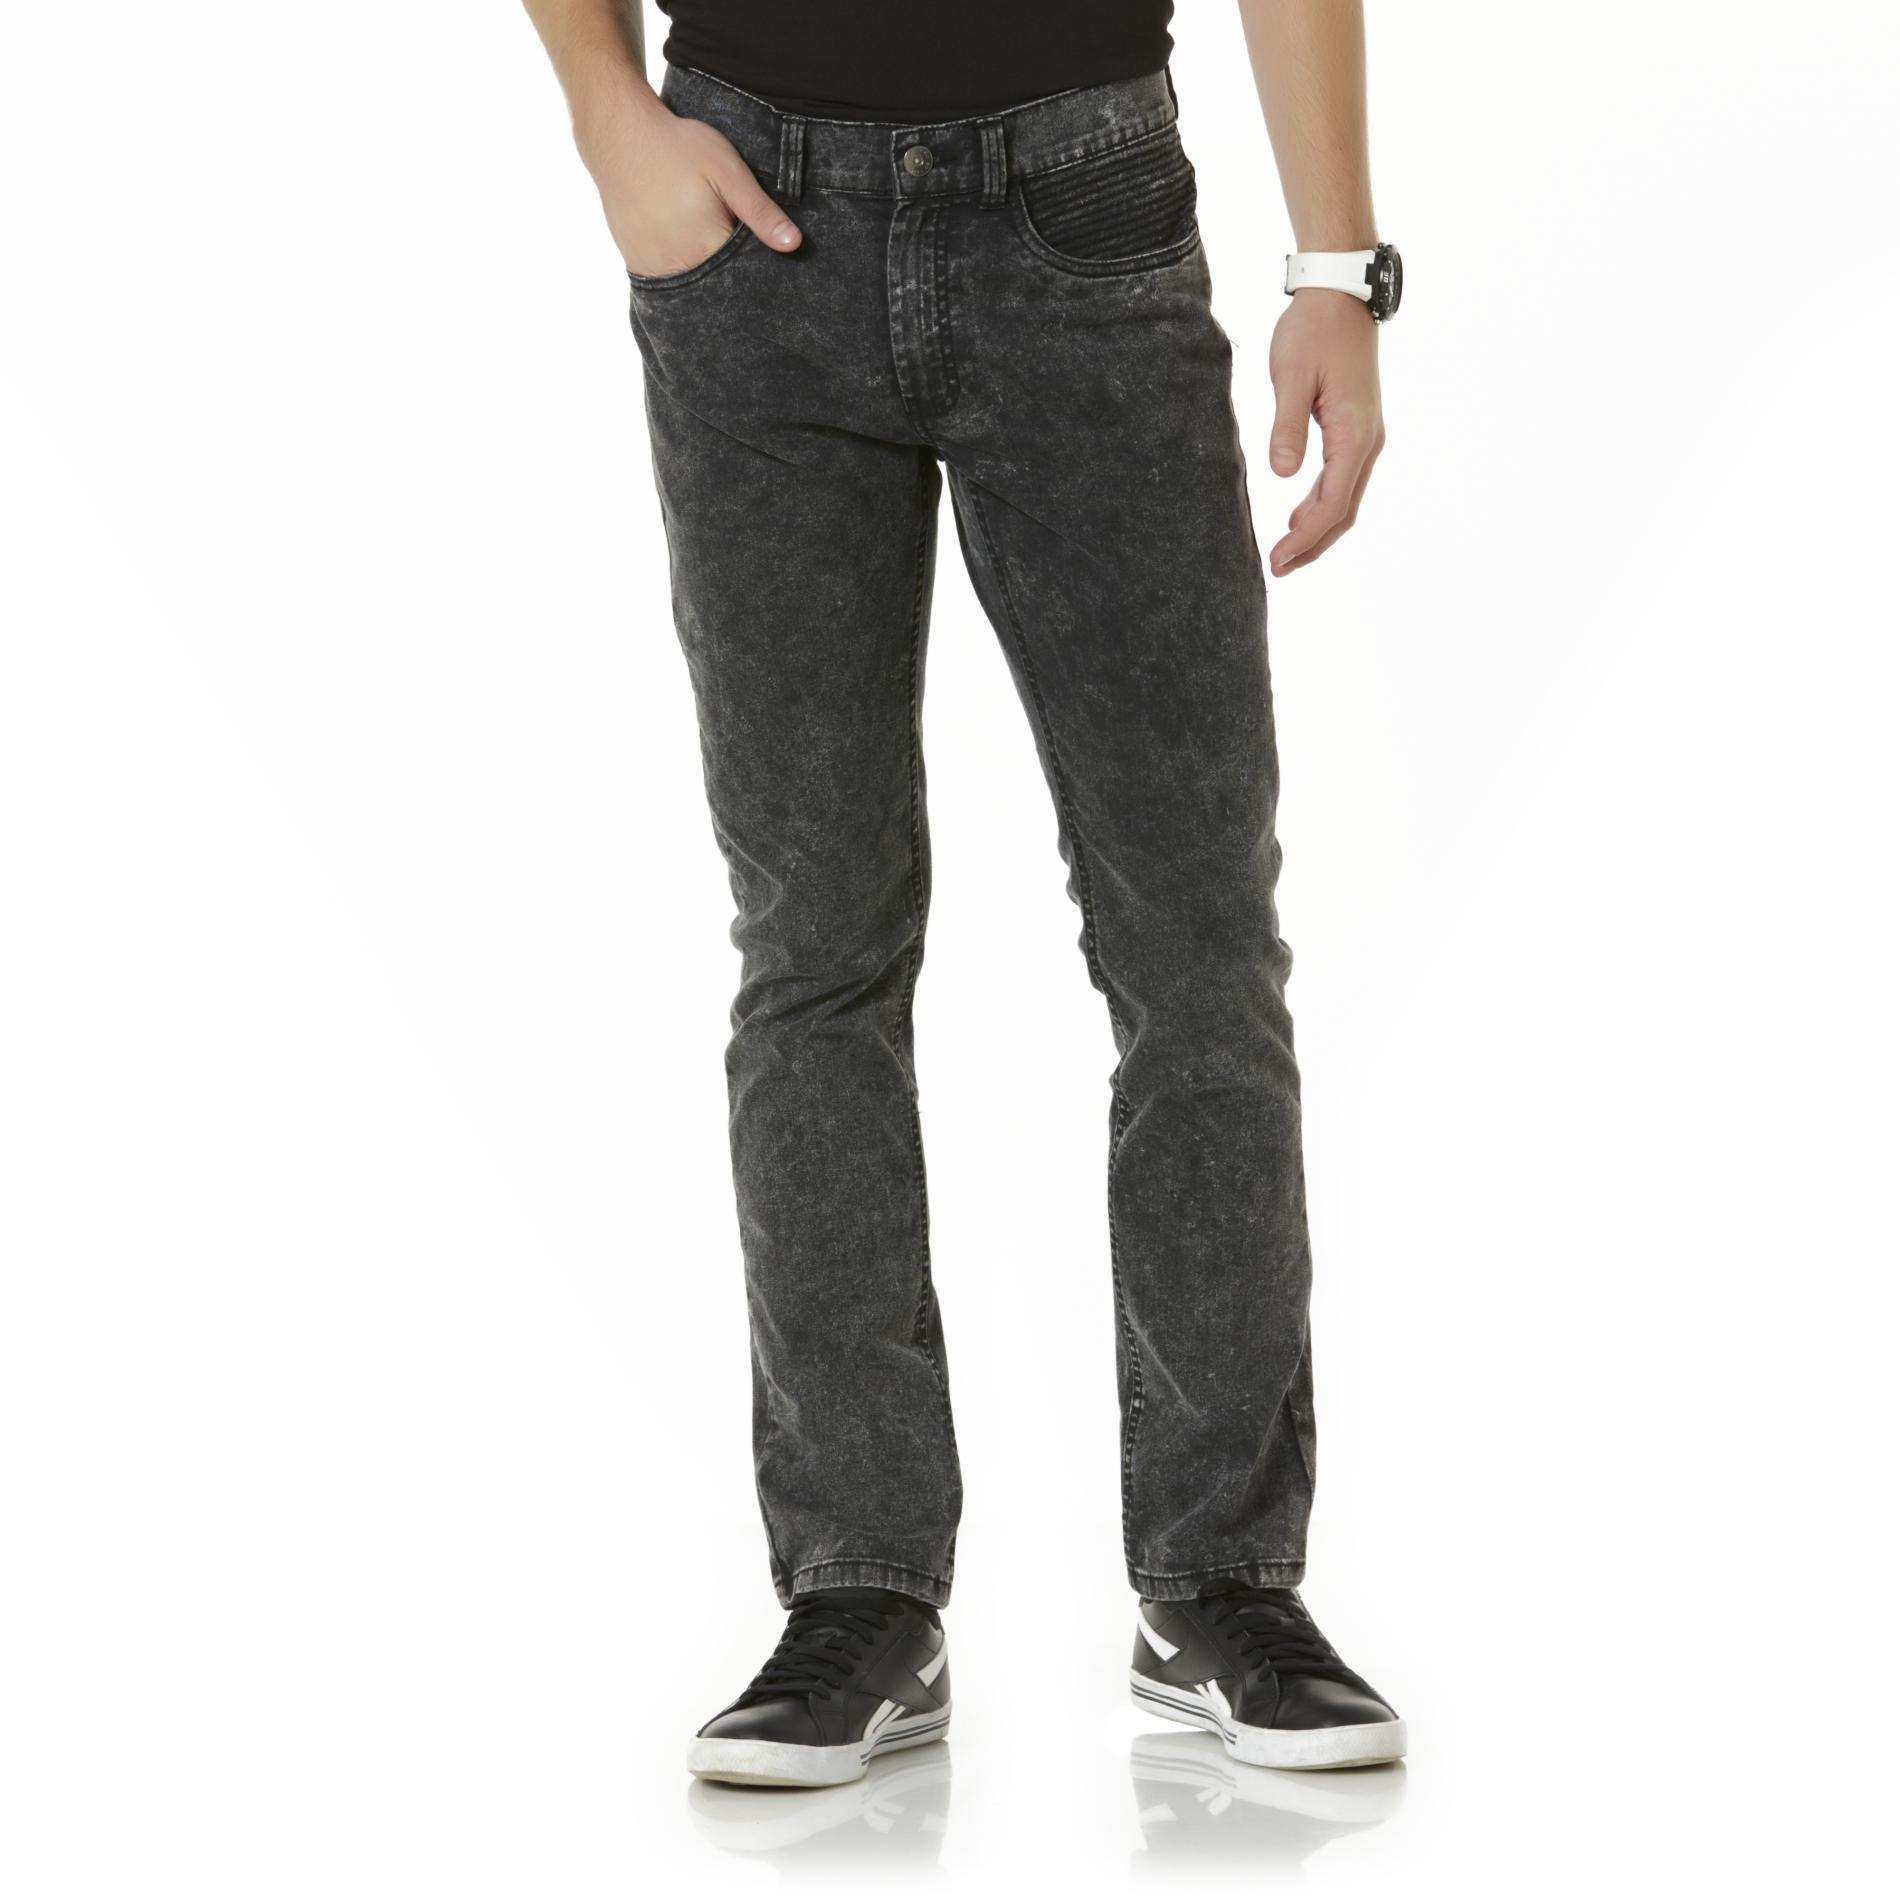 Men's Moto Skinny Jeans